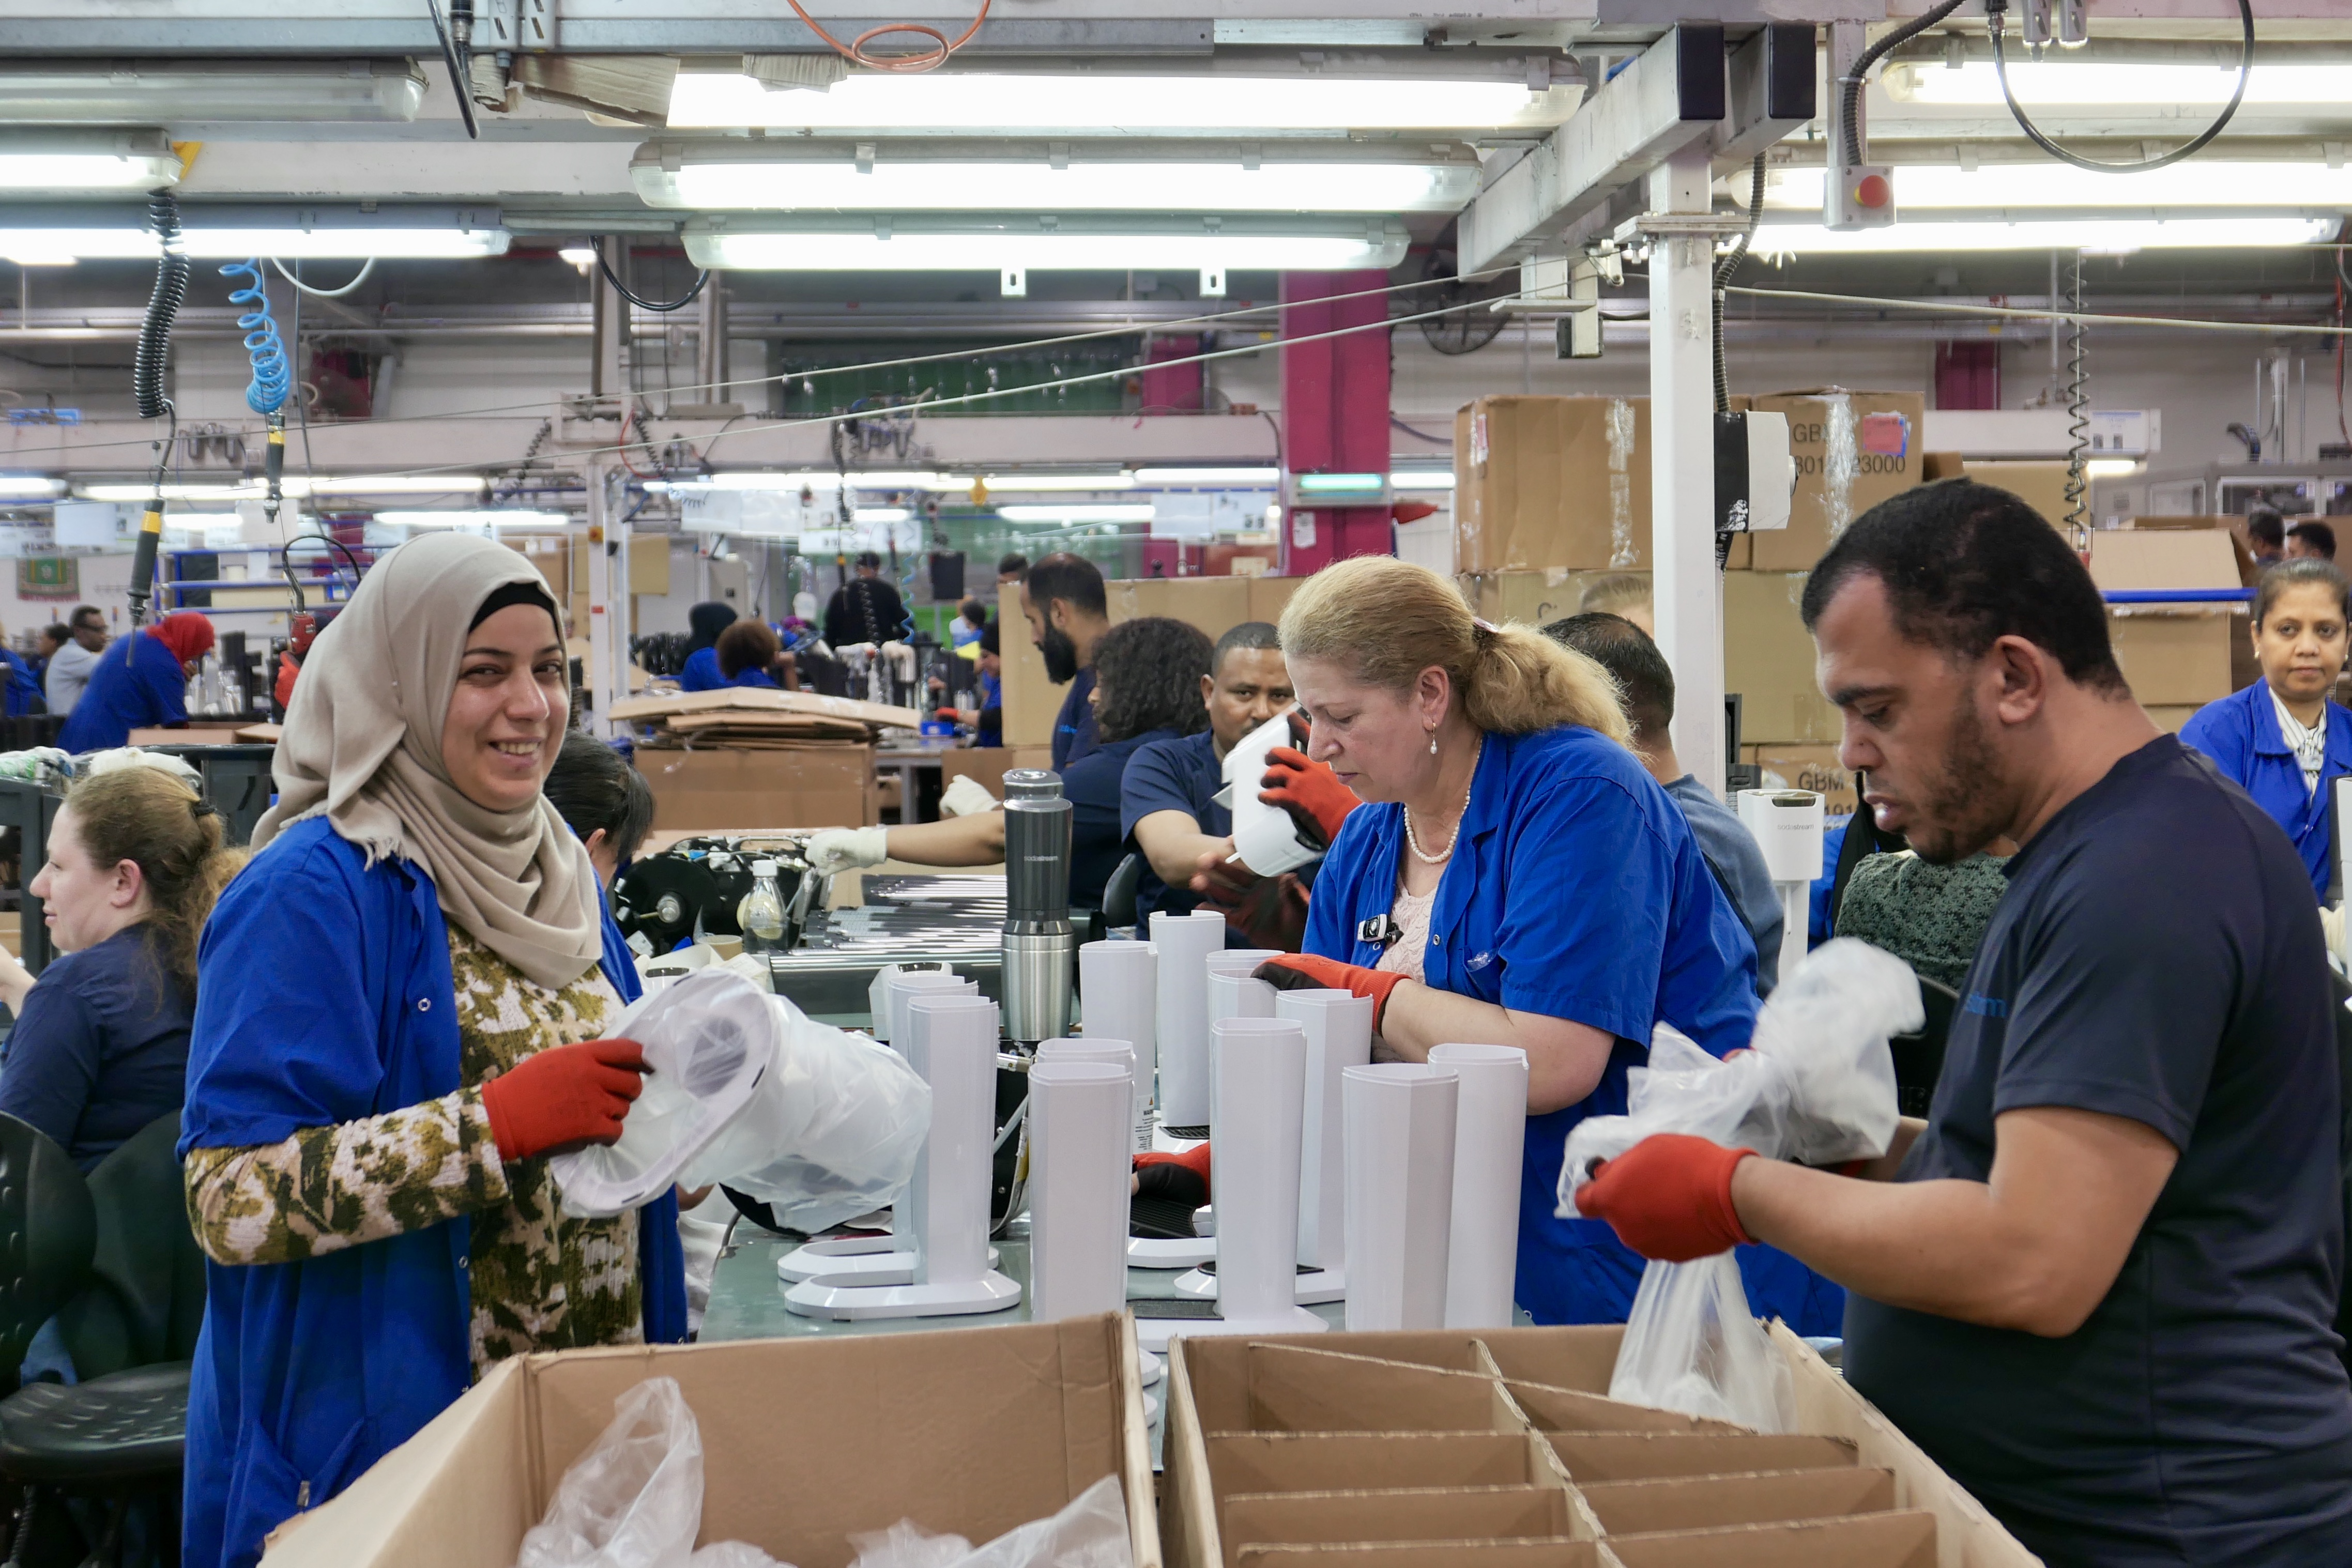 Besuch in israelischen Fabriken, wo Juden und Araber in Frieden zusammen arbeiten, Sodastream